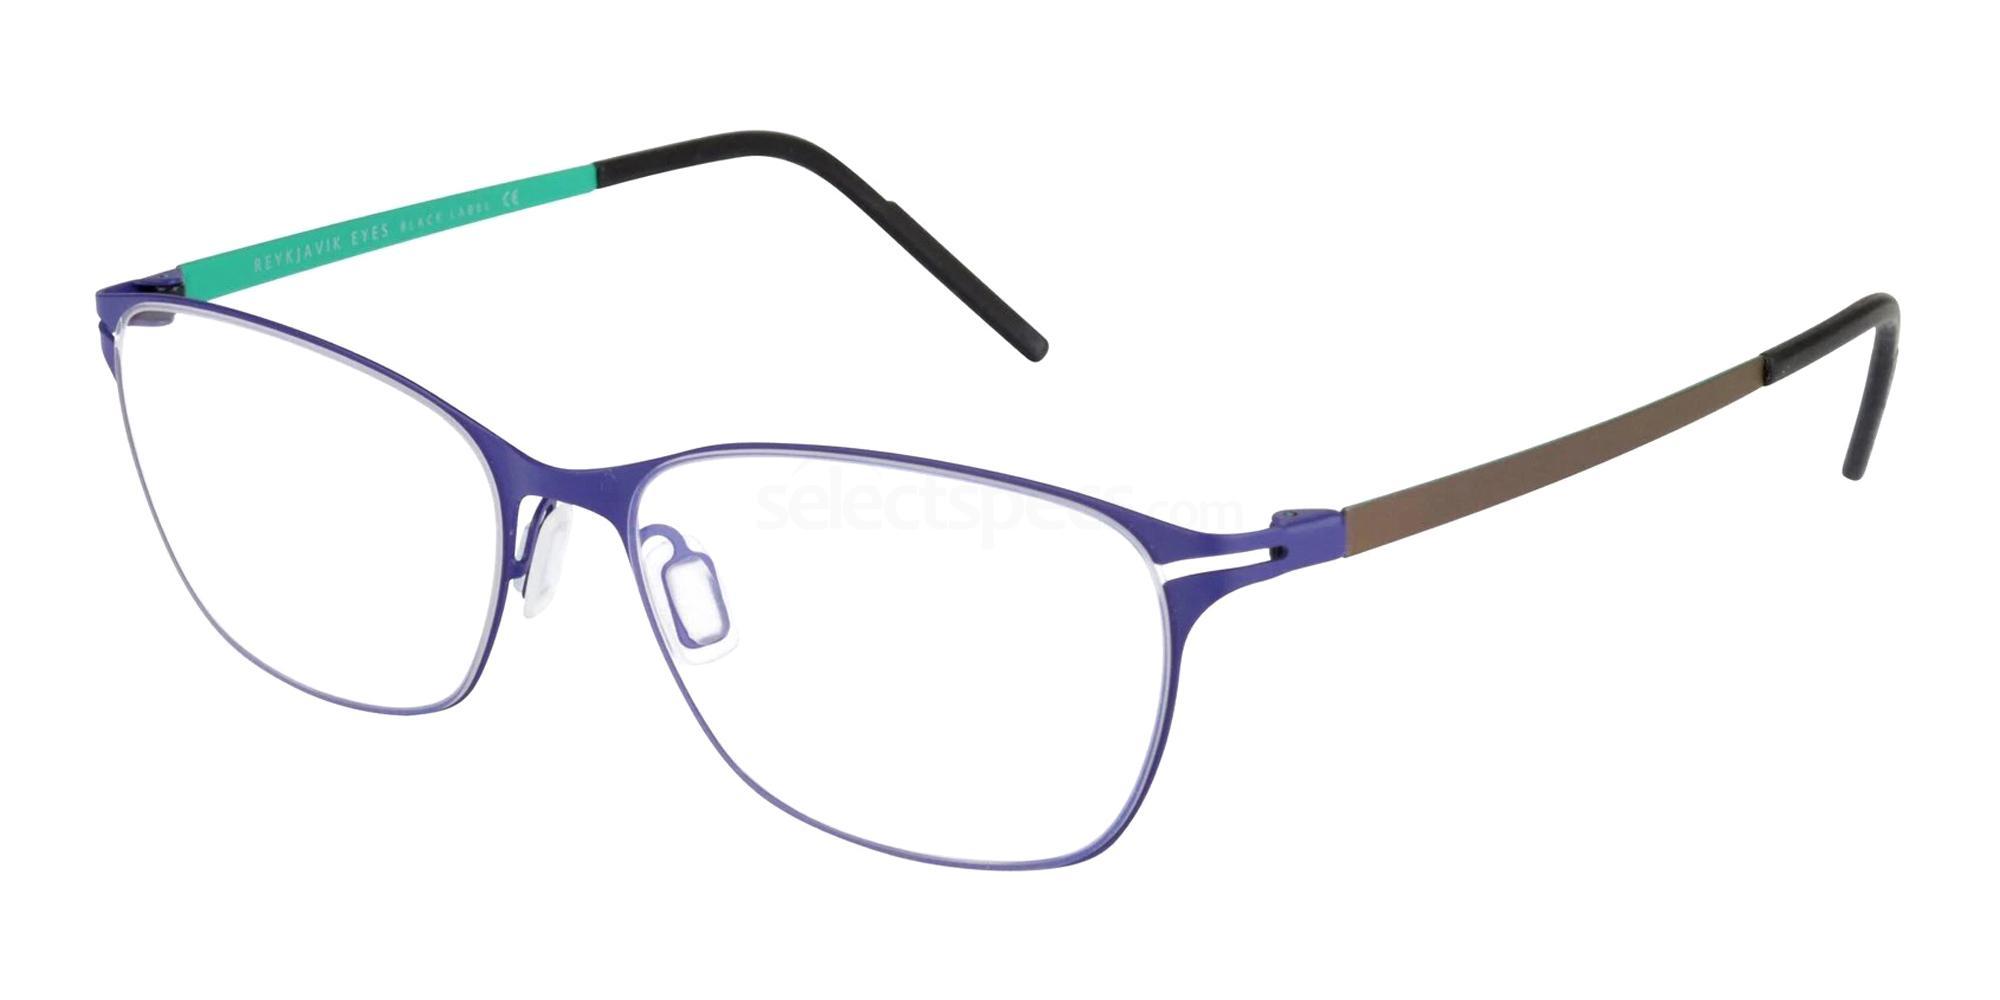 C1 EIR Glasses, Reykjavik Eyes Black Label